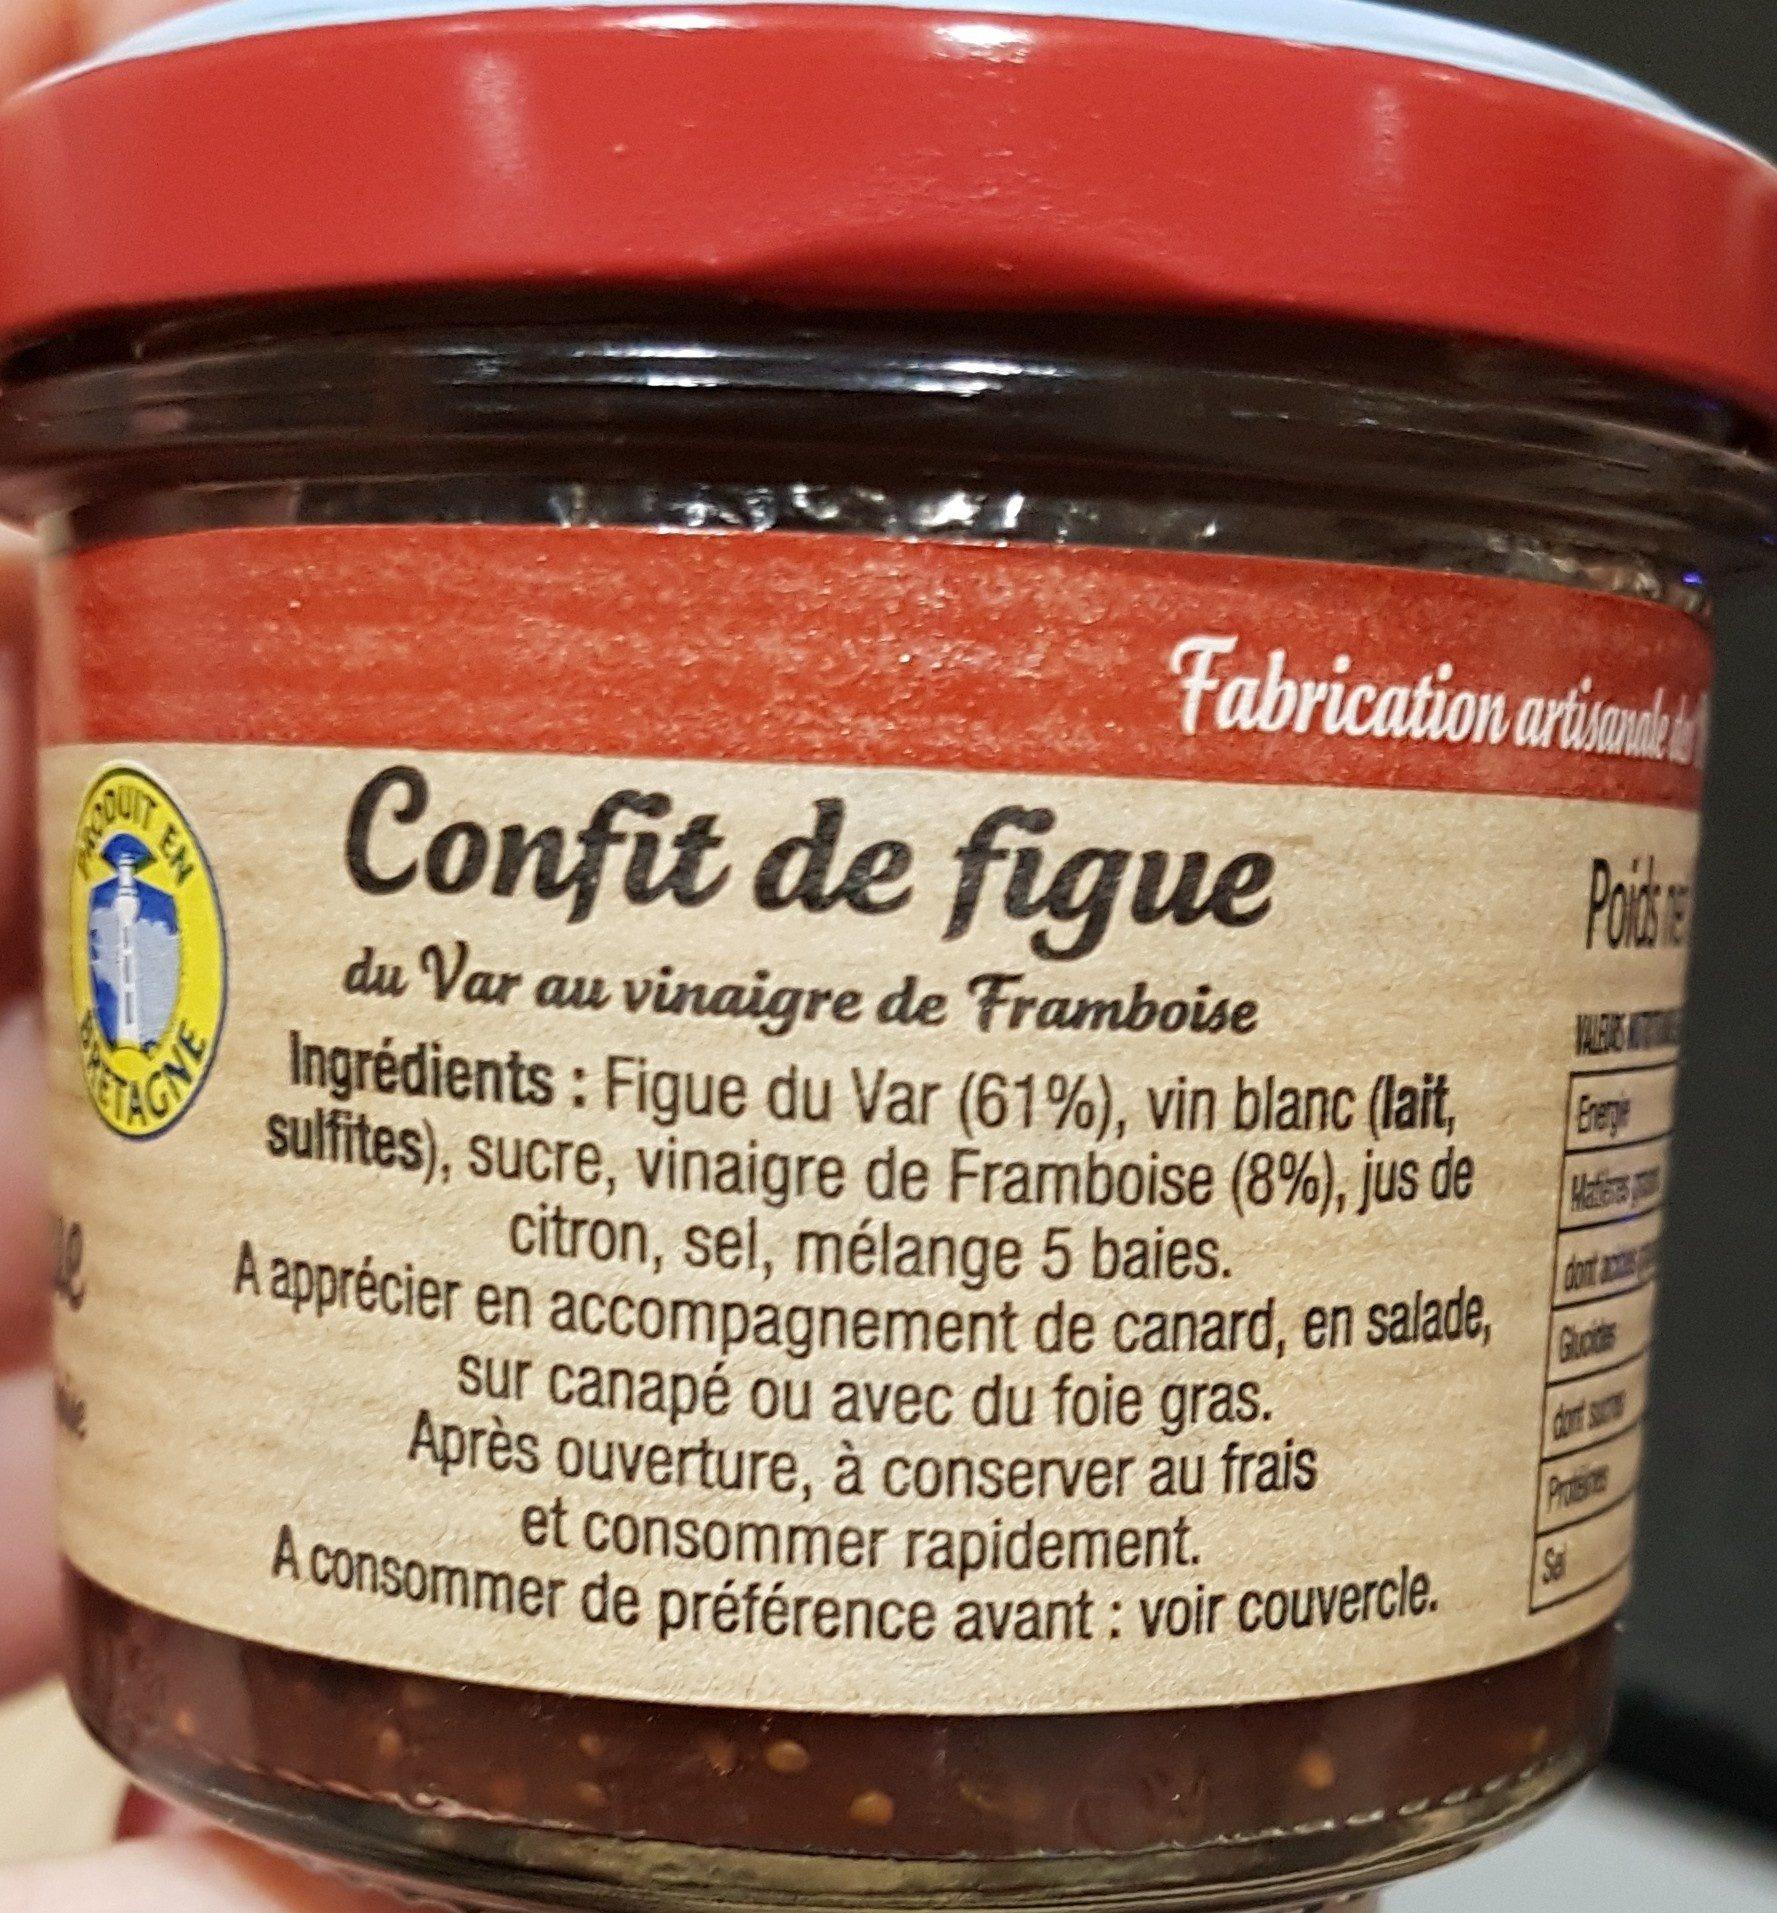 Confit de figue du Var au vinaigre de framboise - Ingredients